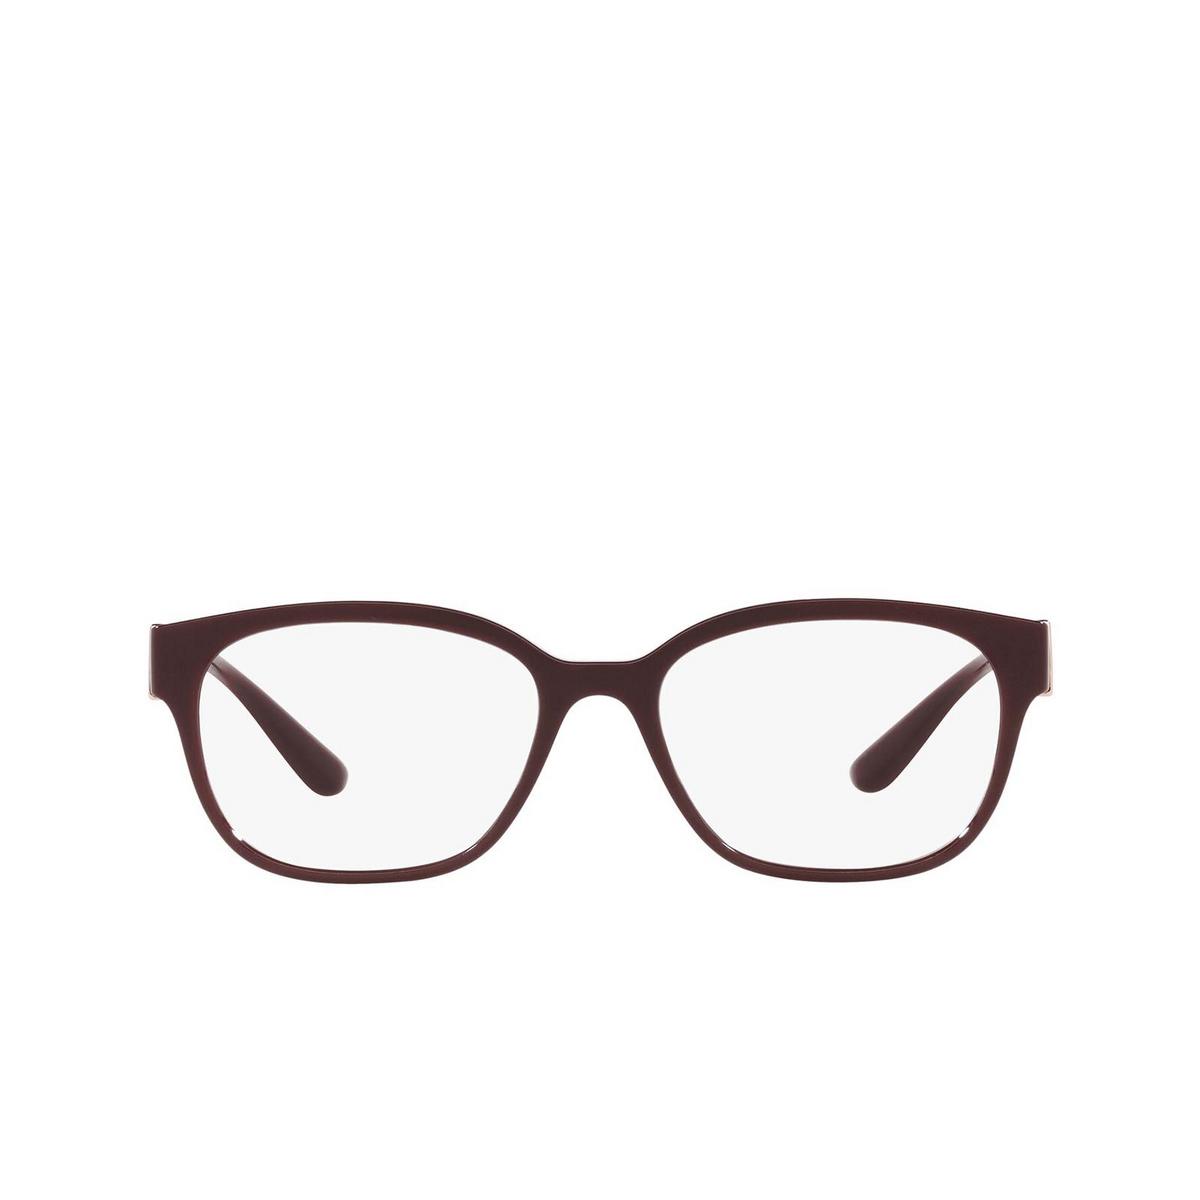 Dolce & Gabbana® Square Eyeglasses: DG5066 color Transparent Bordeaux 3285 - front view.